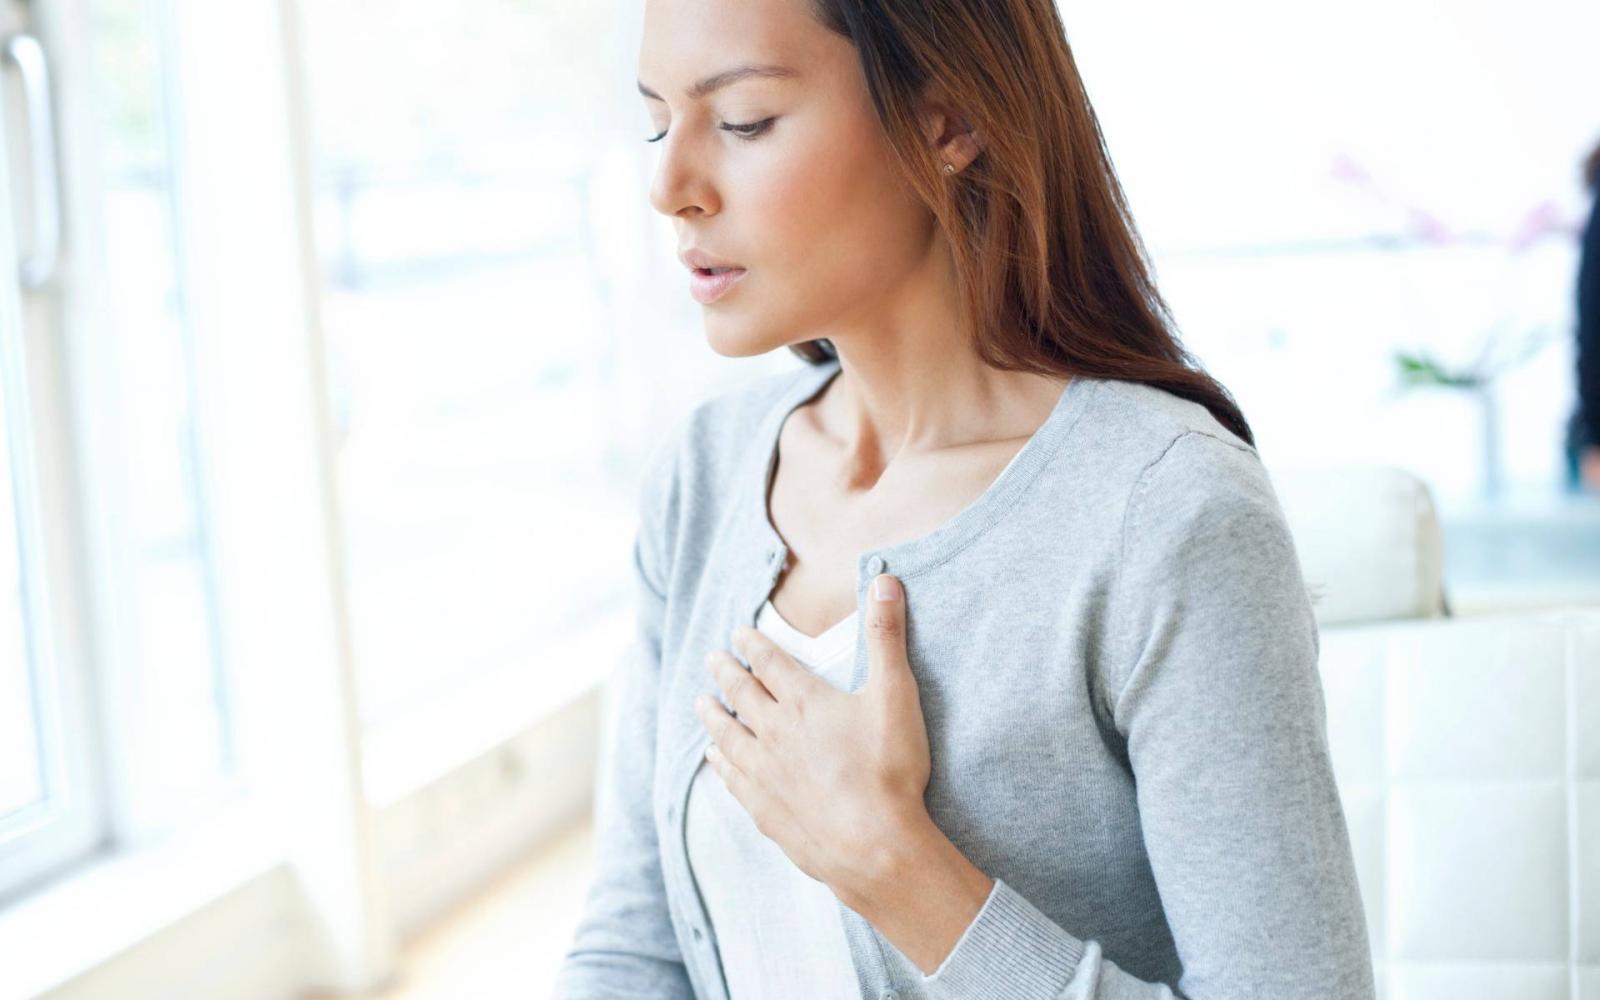 idegösszeomlás magas vérnyomás magas vérnyomást tapasztalt